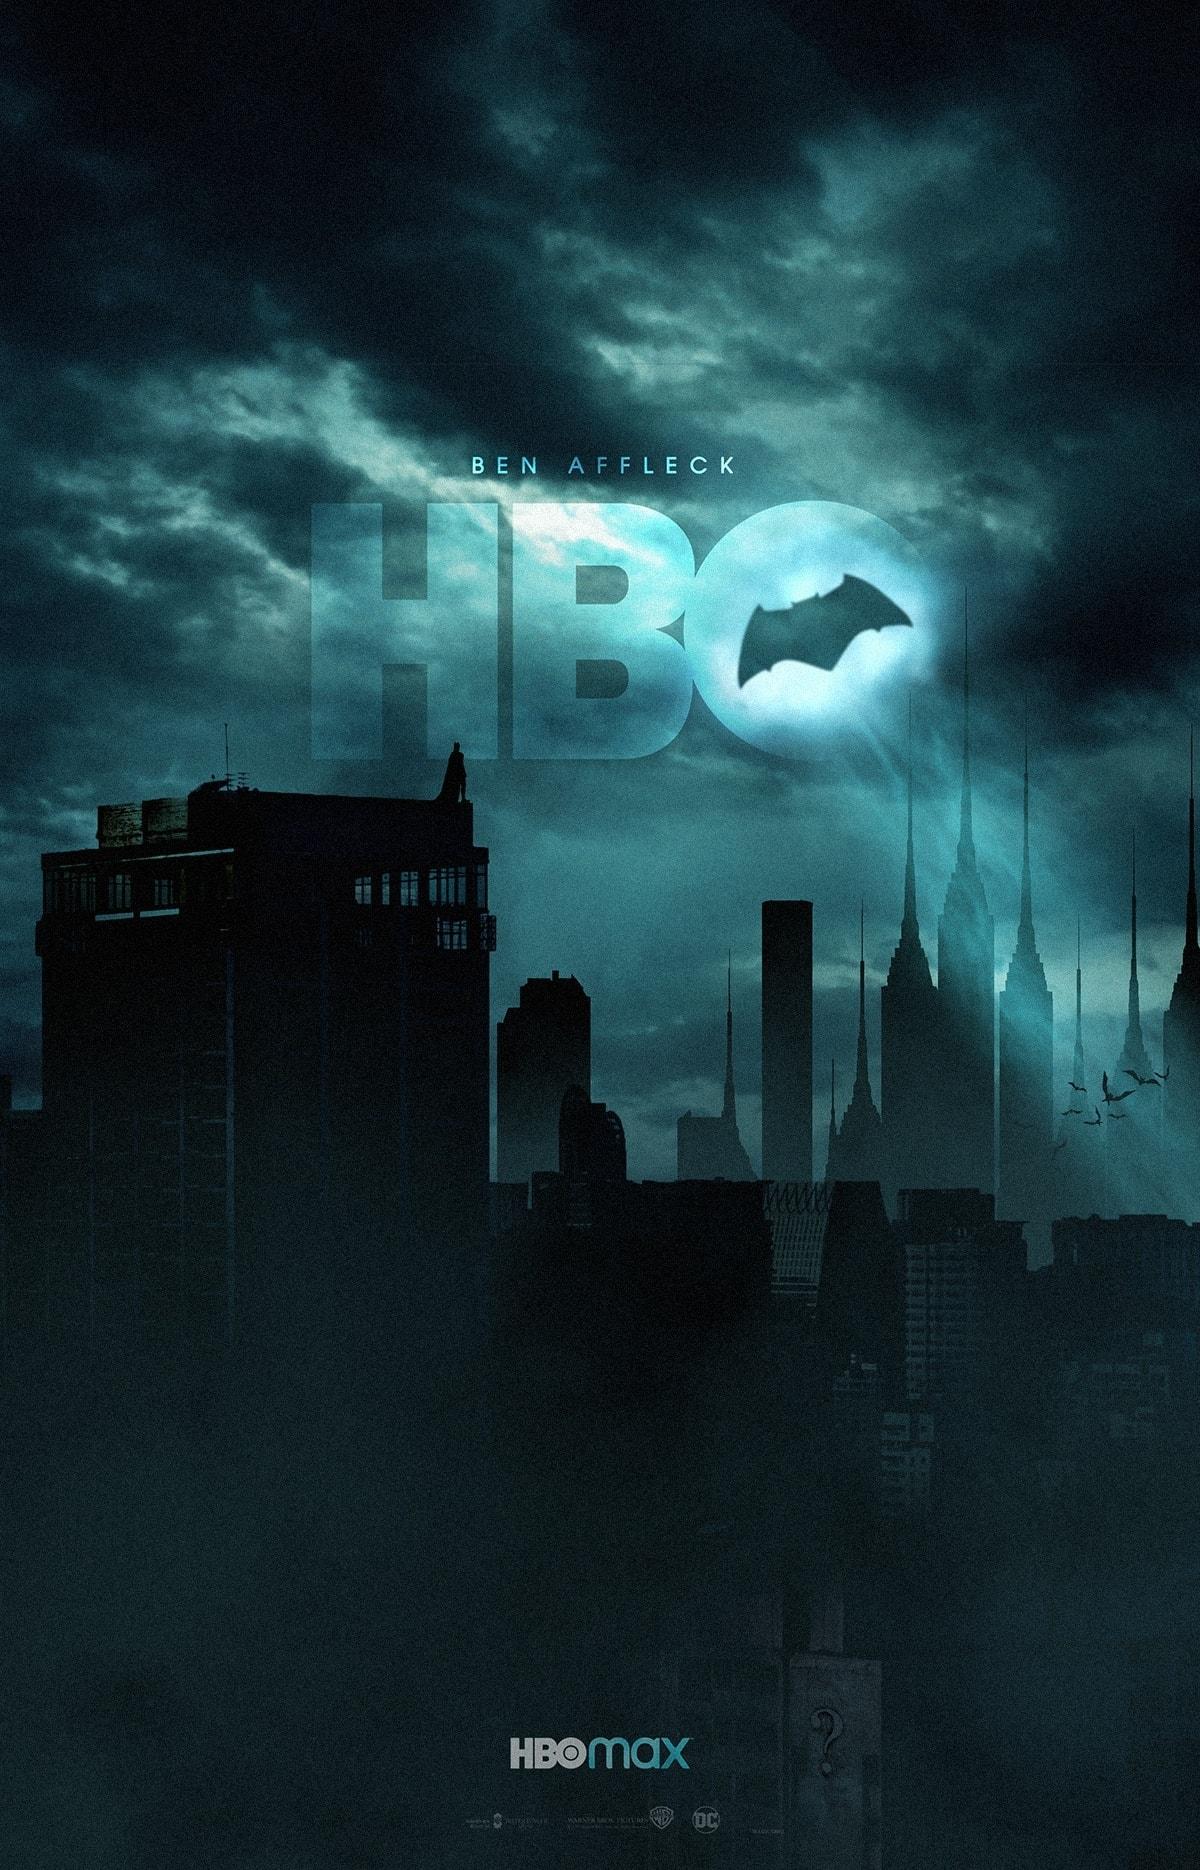 Batman Ben Affleck HBO max fan art